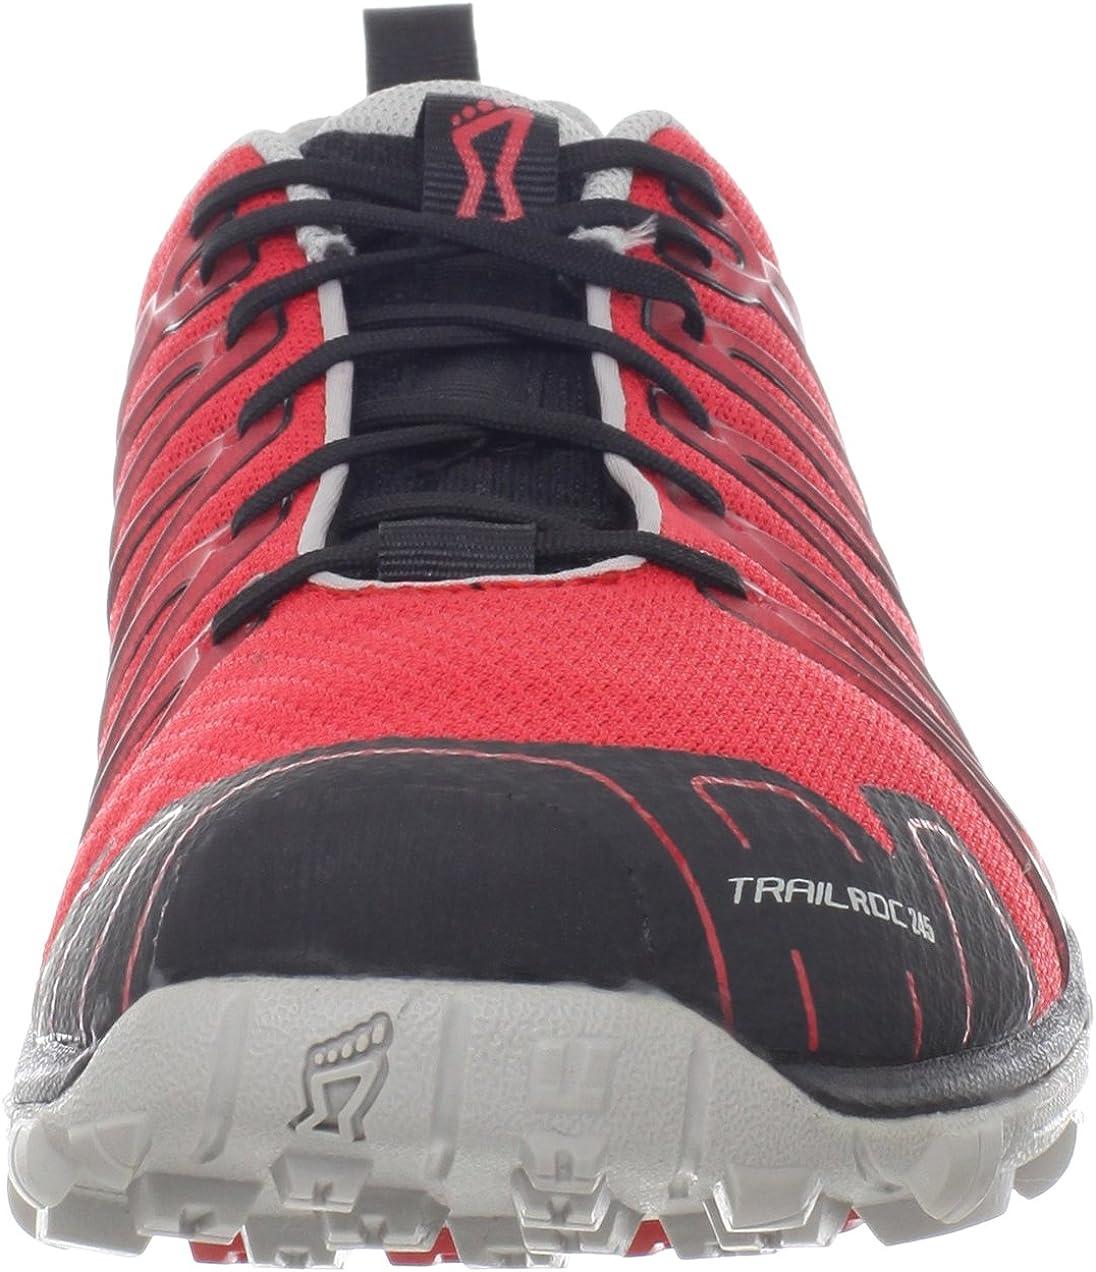 INOV8 Trailroc 245 Zapatilla de Trail Running Unisex, Rojo/Negro, 42: Amazon.es: Zapatos y complementos